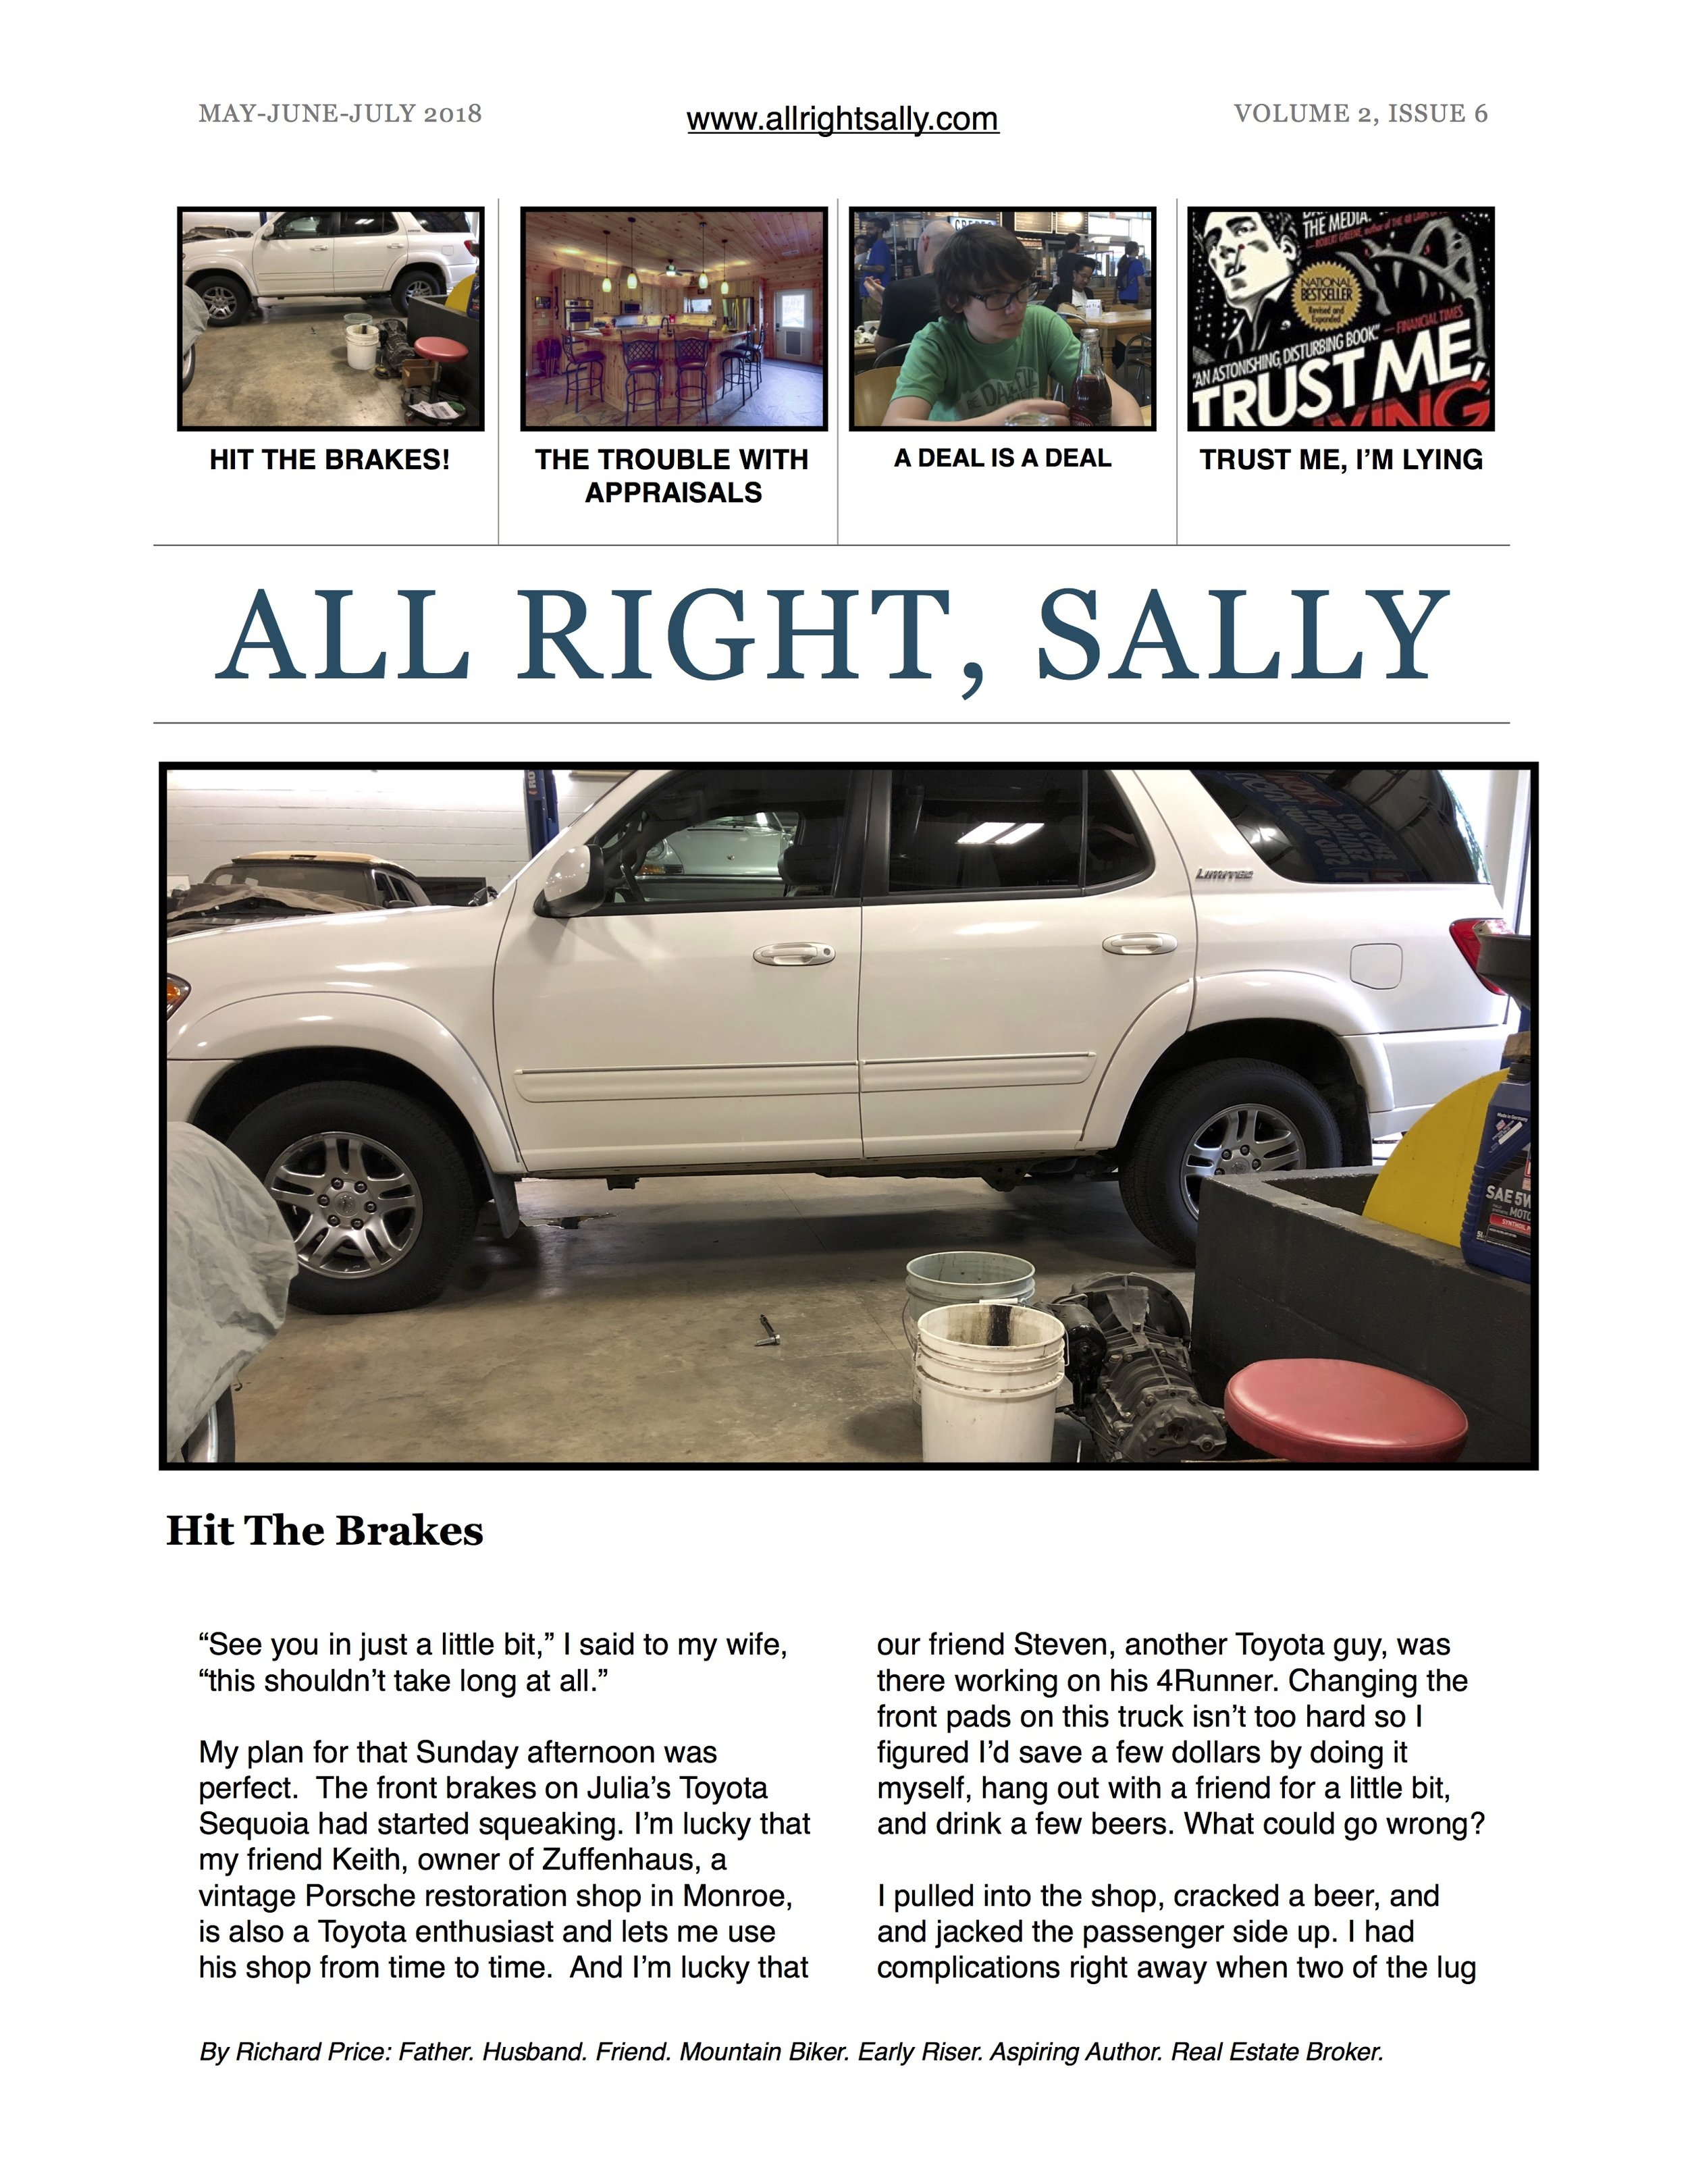 May-June-July 2018 Newsletter Thumbnail.jpg